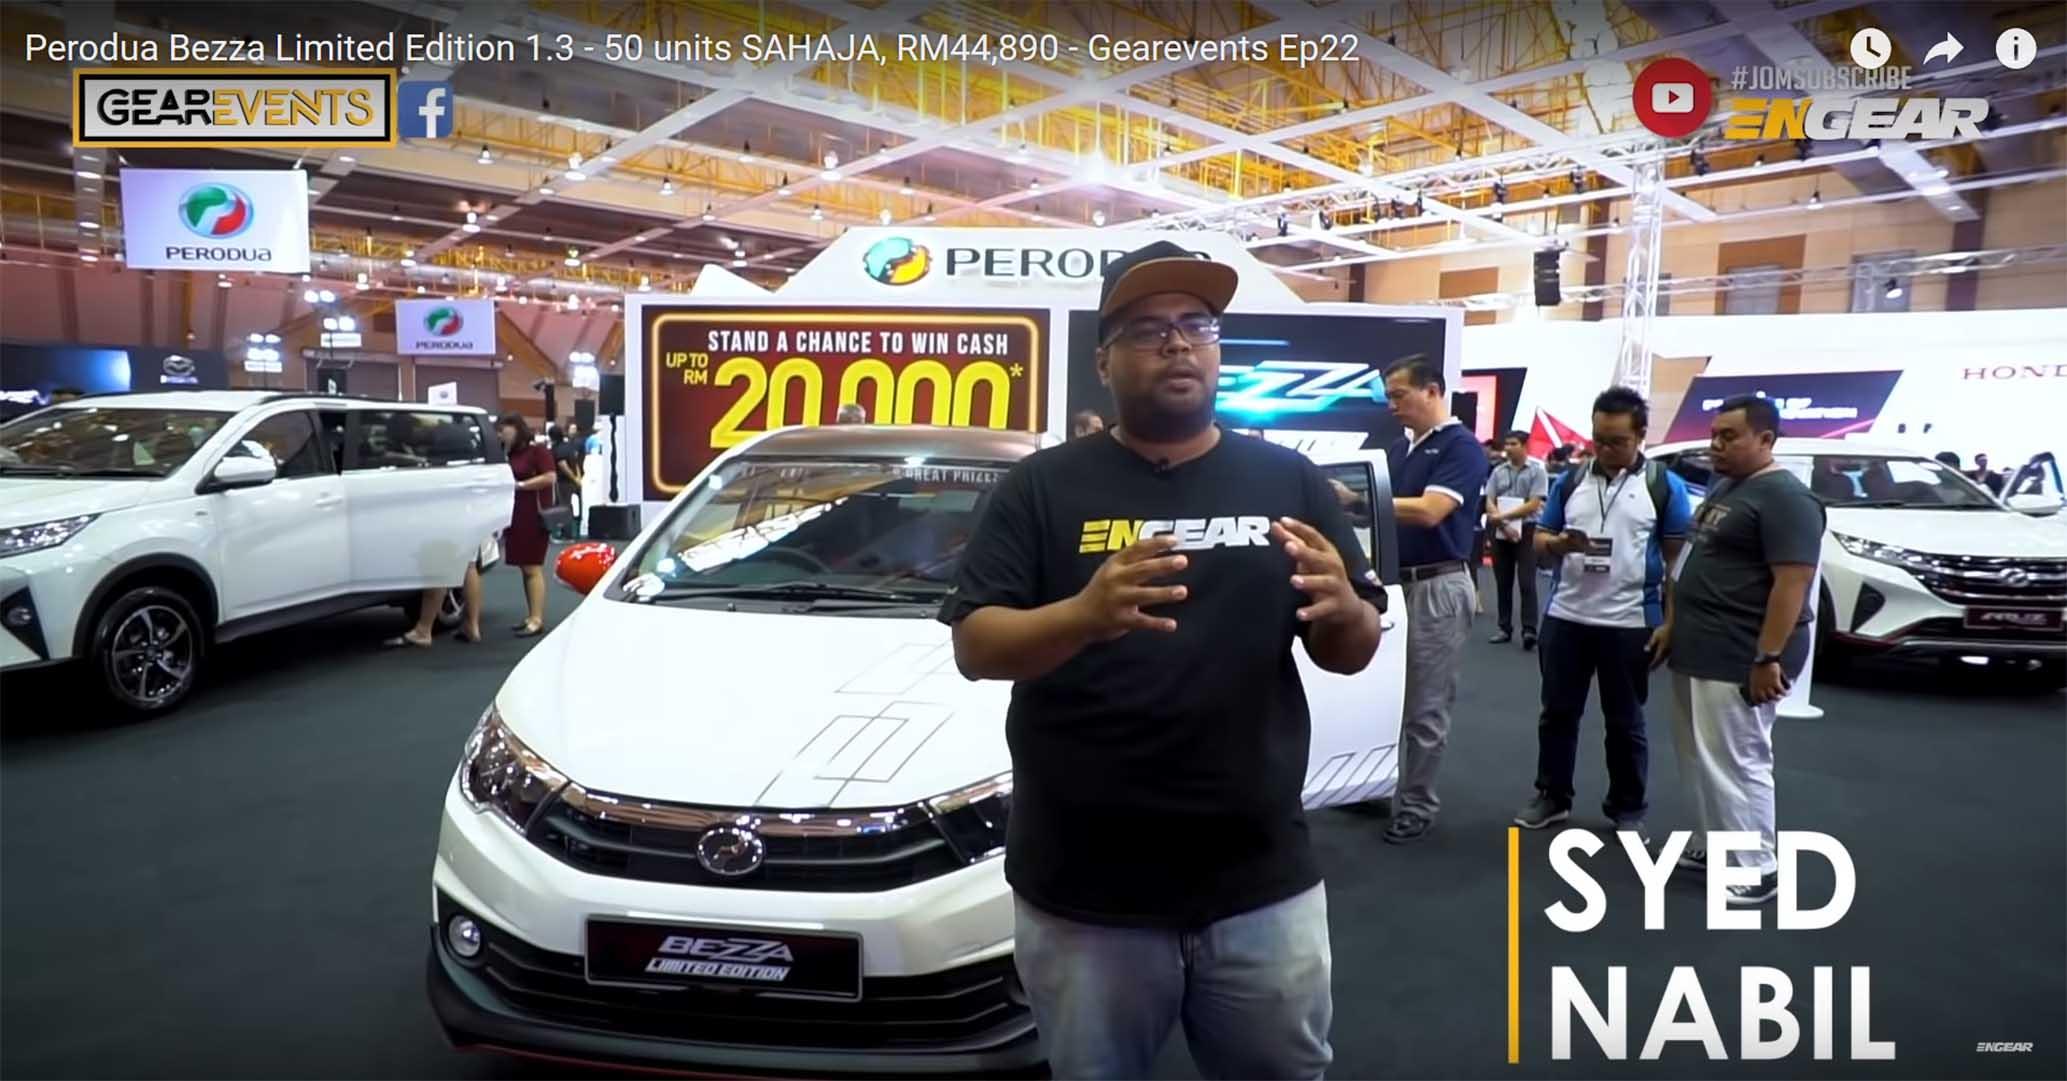 MESTI TONTON : Gearevents - Perodua Bezza Limited Edition ...